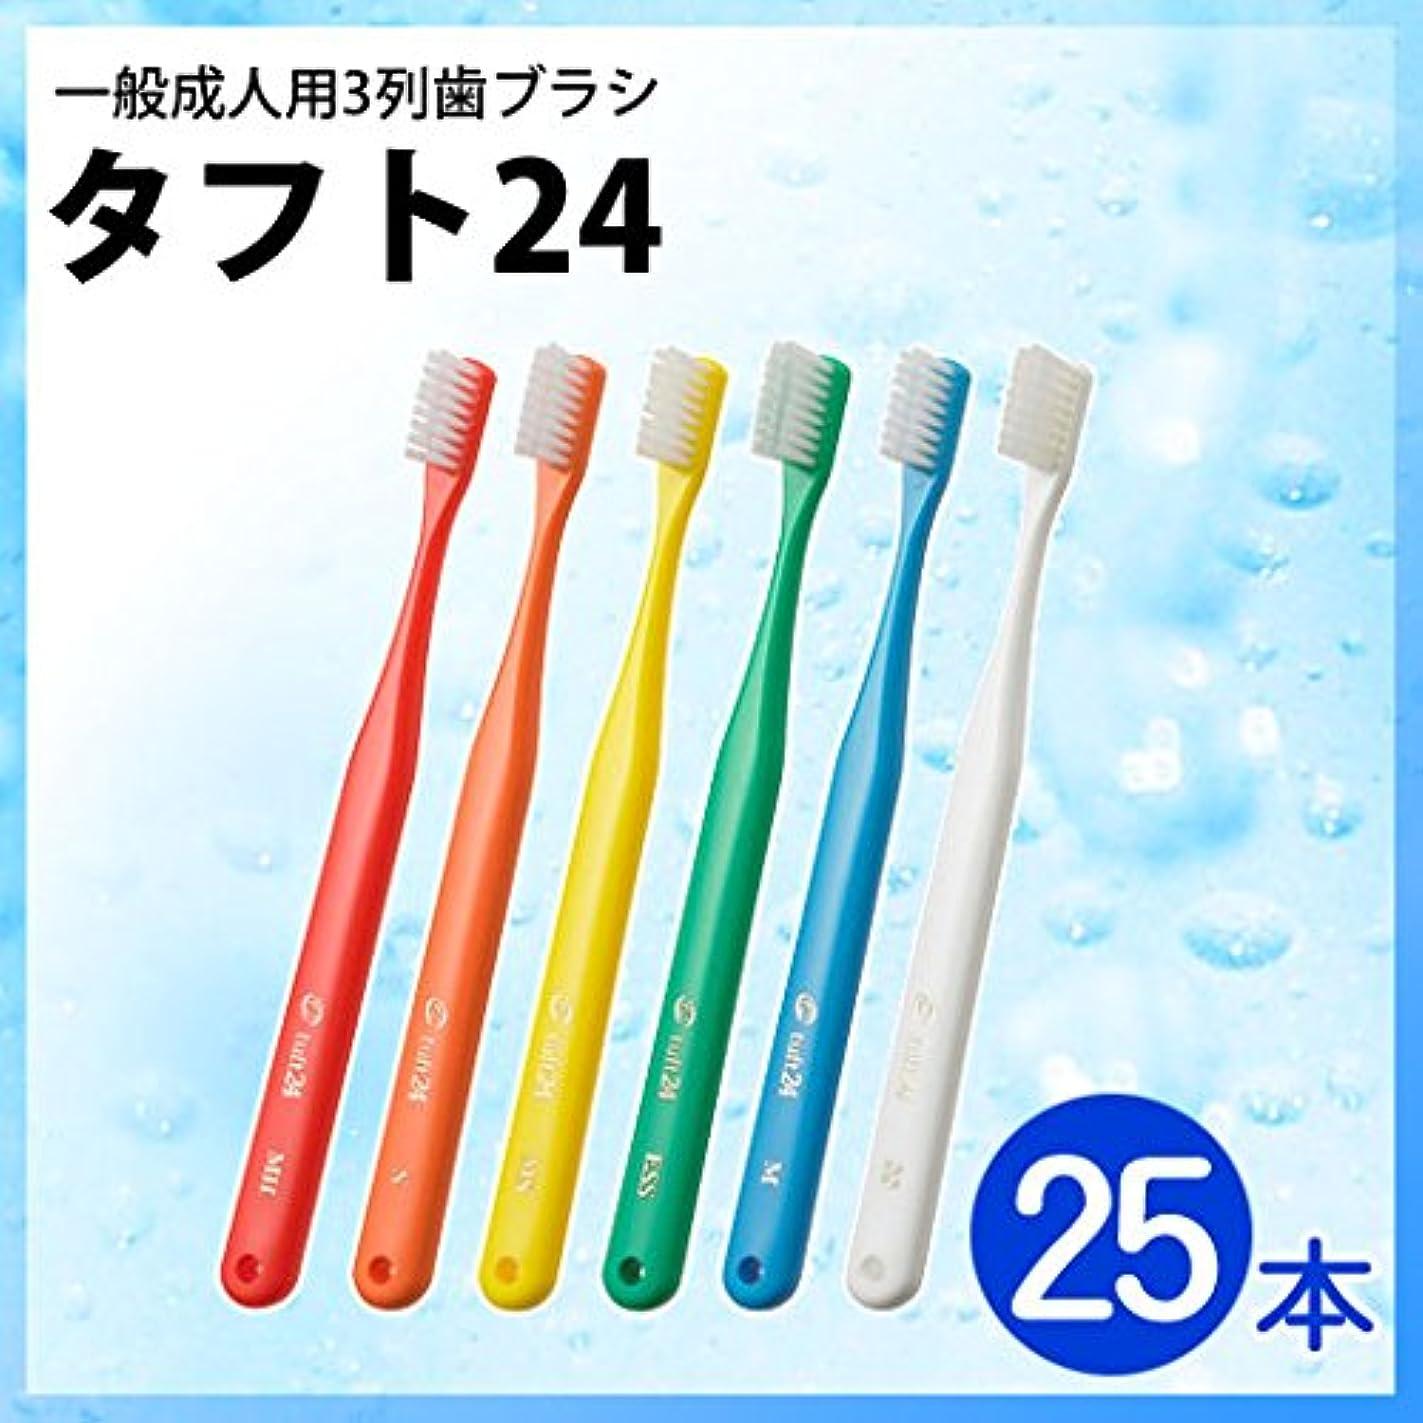 海洋エレクトロニック薬タフト24 【歯ブラシ/タフト】25本セットオーラルケア タフト24 一般成人用 3列歯ブラシ MS(ミディアムソフト) グリーン